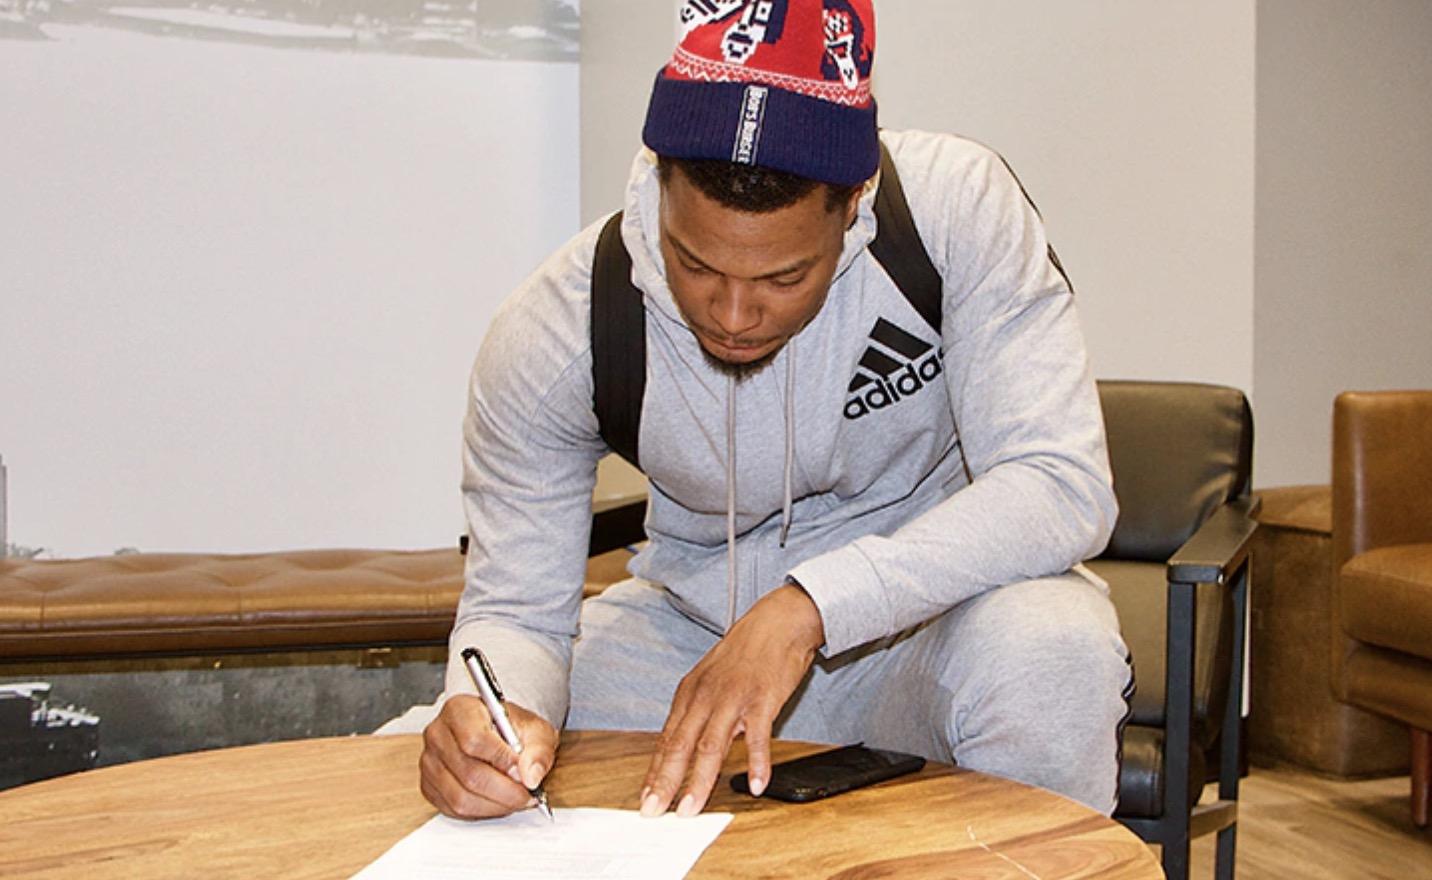 官方:猛龙与凯尔-洛瑞正式签下提前续约合同